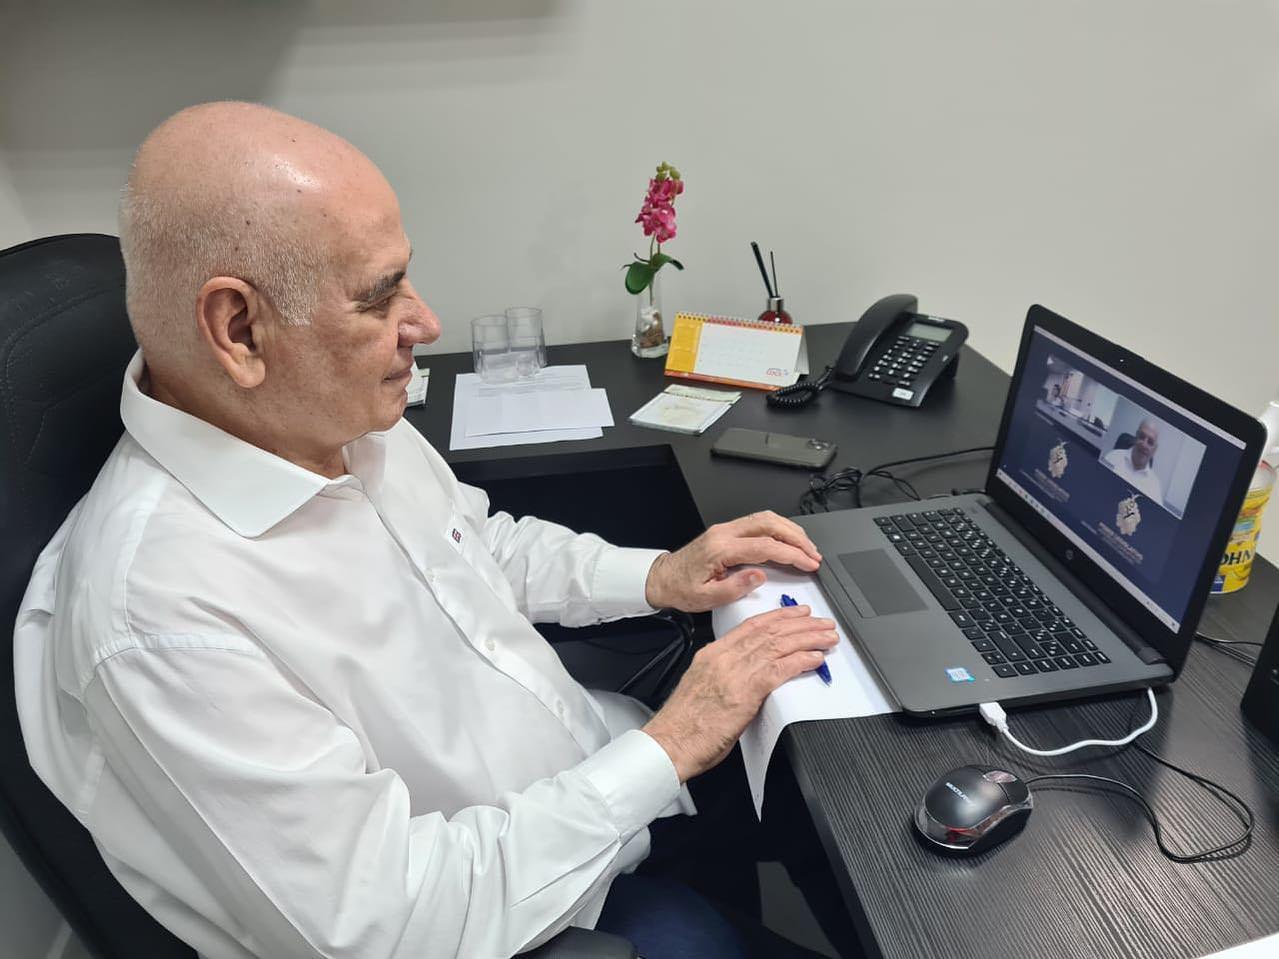 Serafim lista motivos para negar medalha a Bolsonaro: 'negligente com o Amazonas'